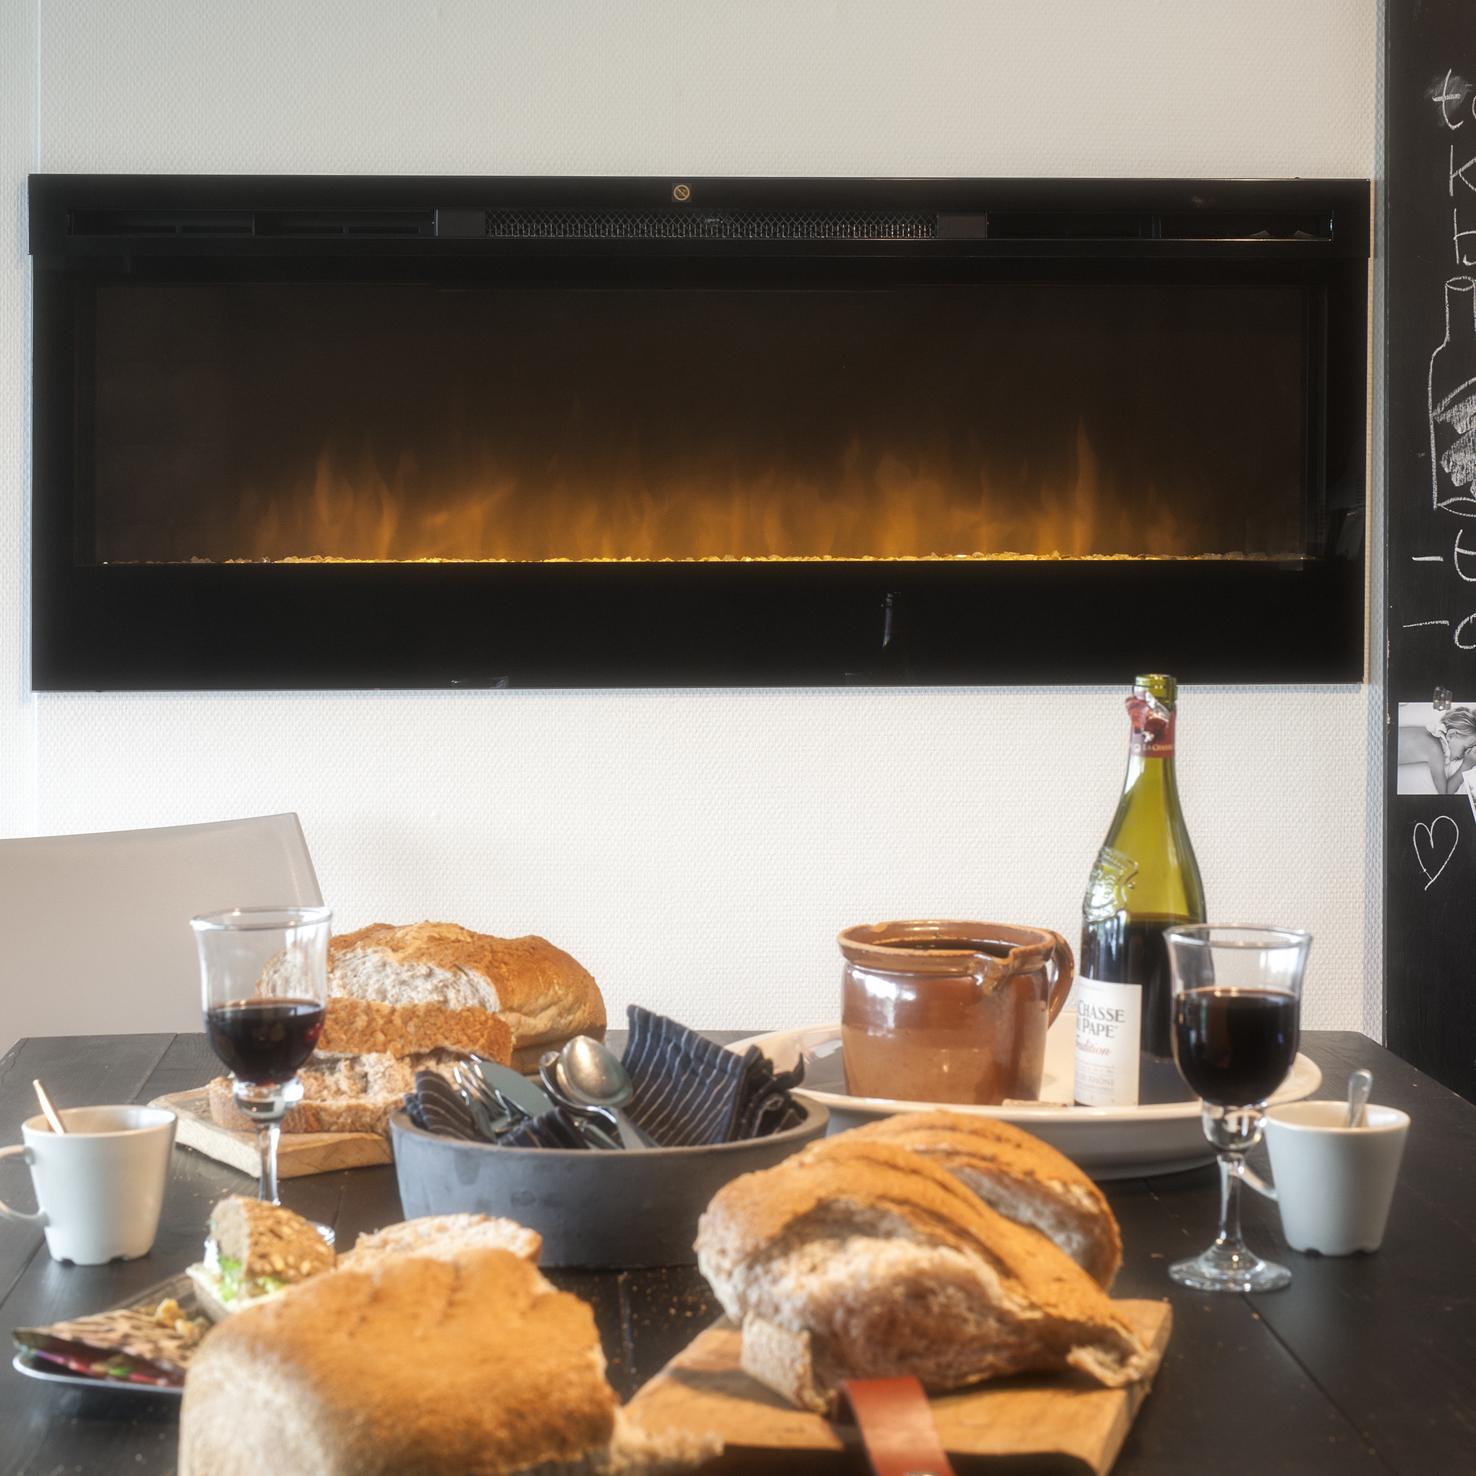 Inbouwhaard met realistisch vuurbeeld door LED verlichting en optiflame - Faber Synergy